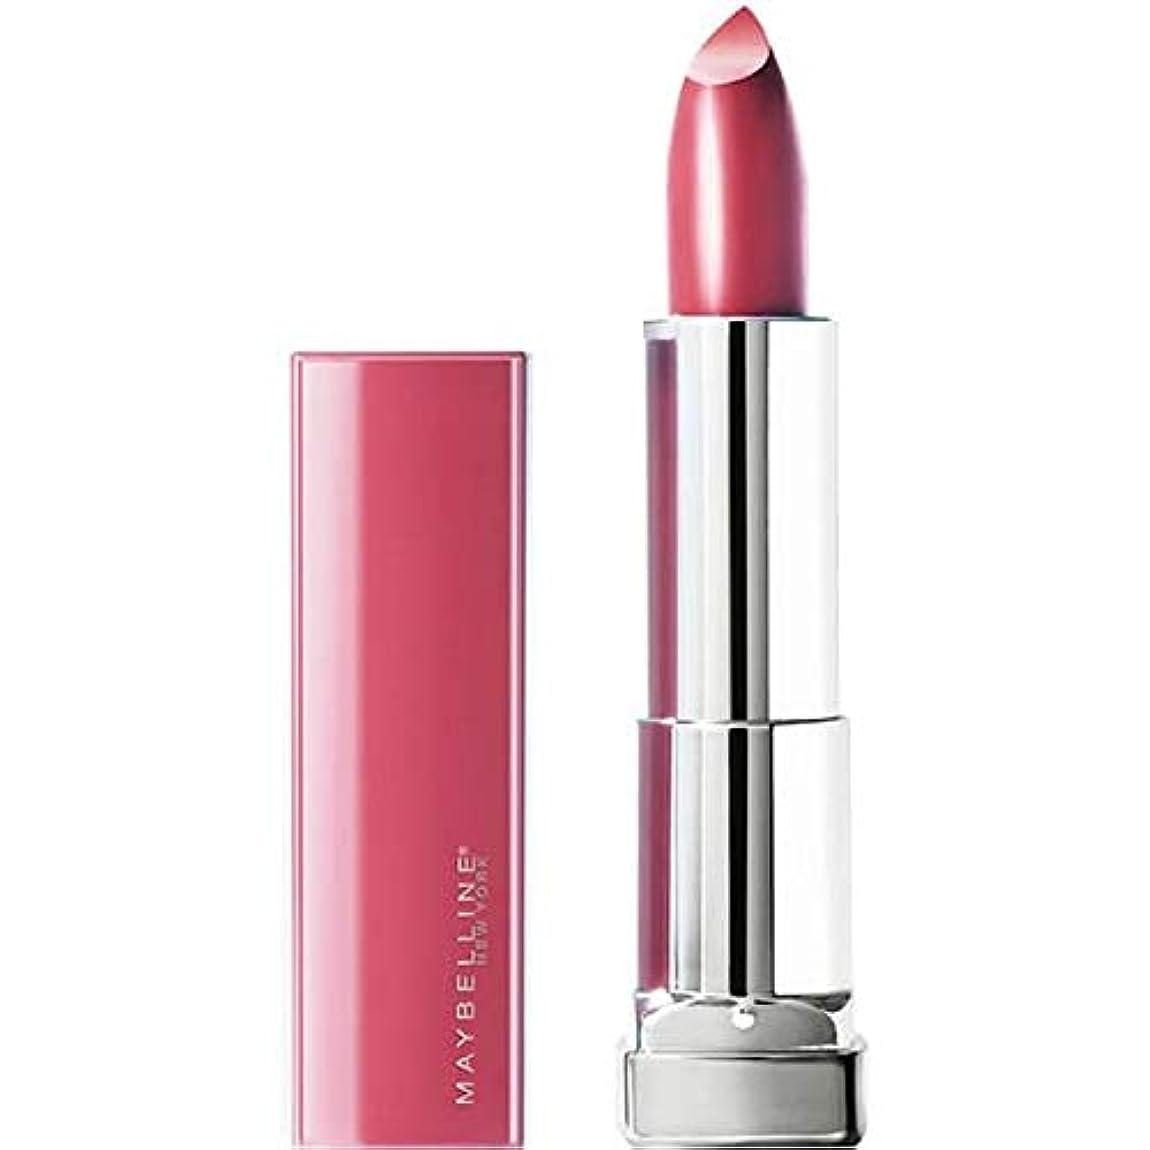 [Maybelline ] メイベリンの色はセンセーショナルな私のためにすべての376ピンクのために作られました - Maybelline Color Sensational Made For All 376 Pink...